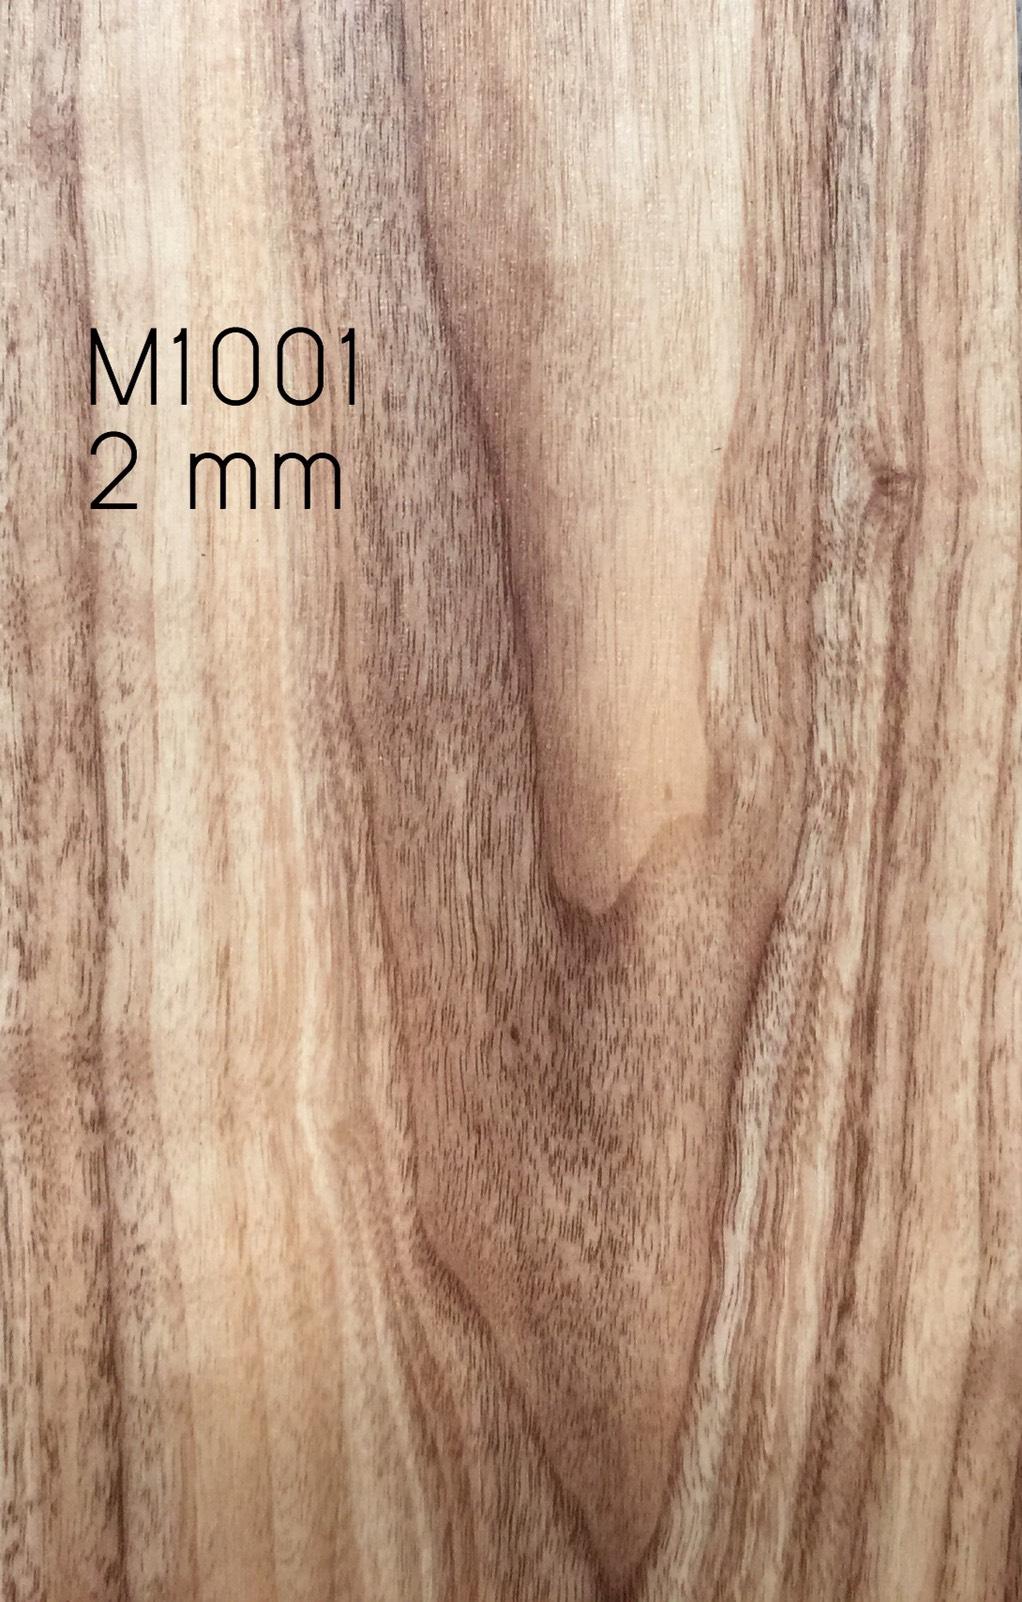 กระเบื้องยางลายไม้ ราคาถูก M1001